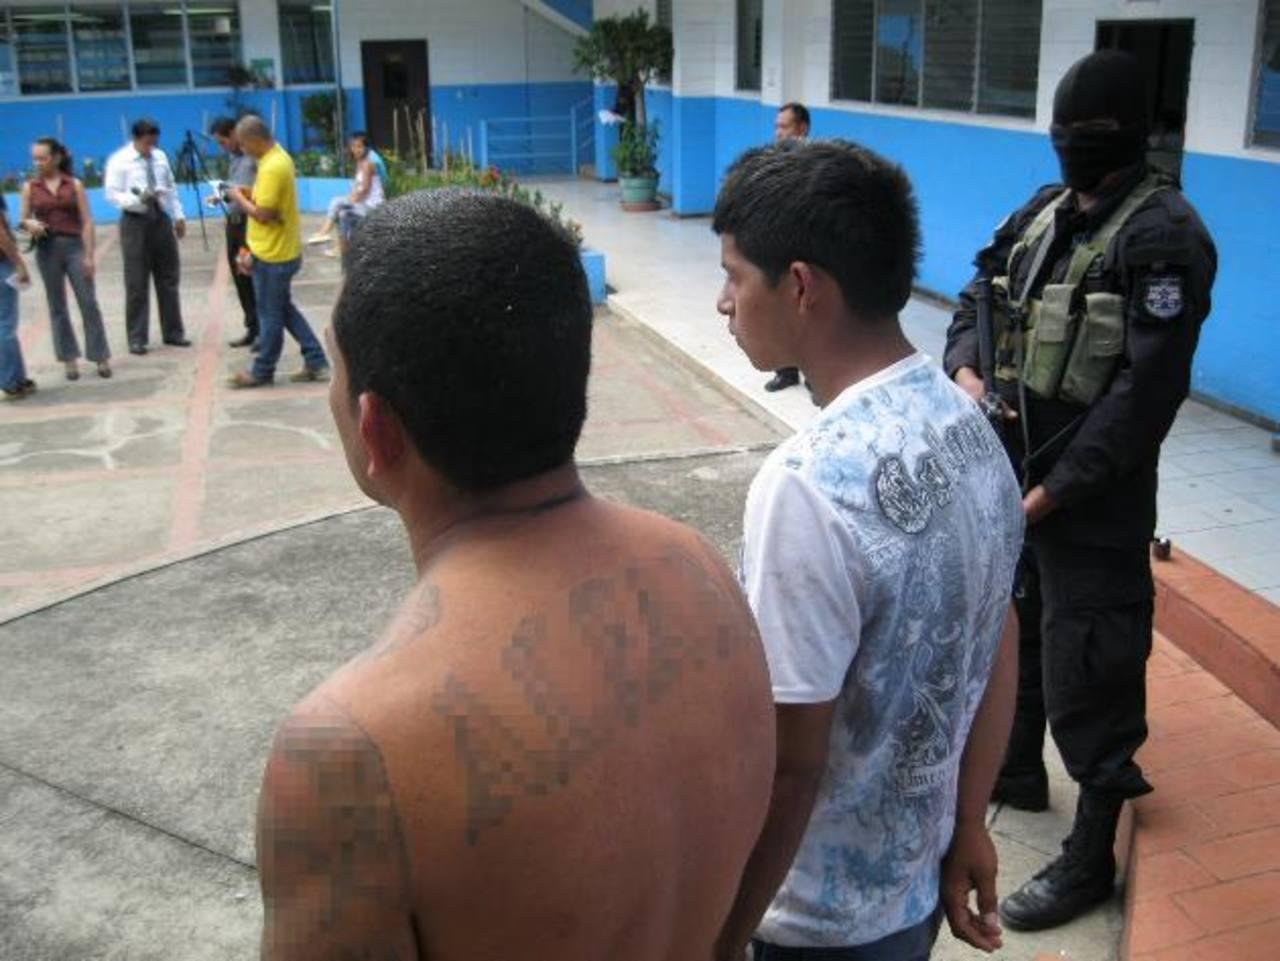 Los sujetos que raptaron al agente fueron presentados ayer en la Policía. Foto EDH / C. Díaz